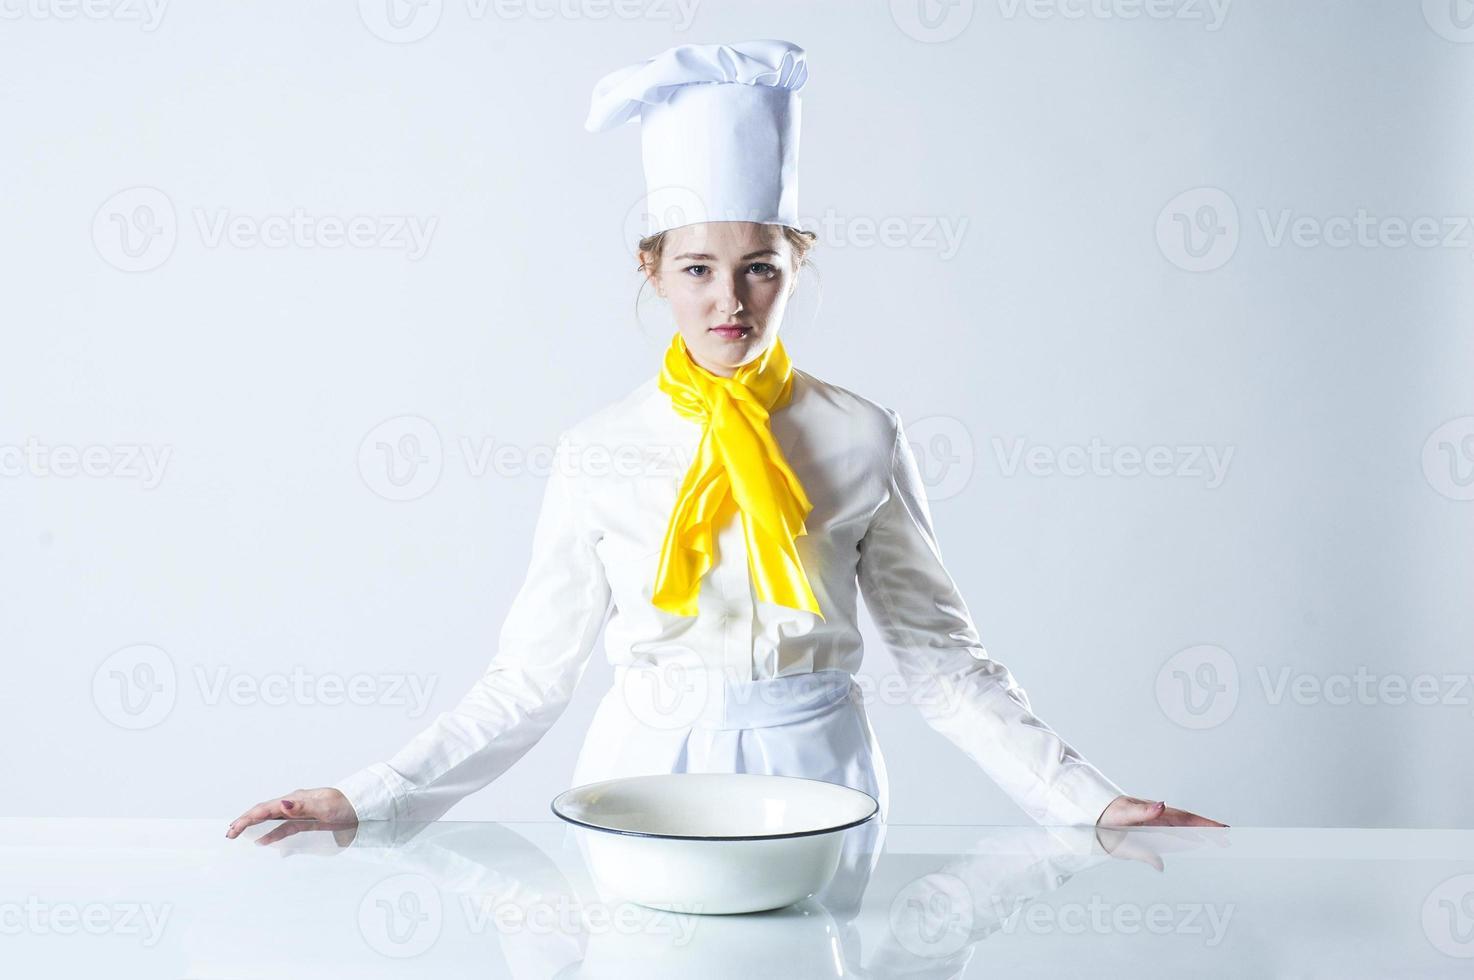 fokussierter Koch foto